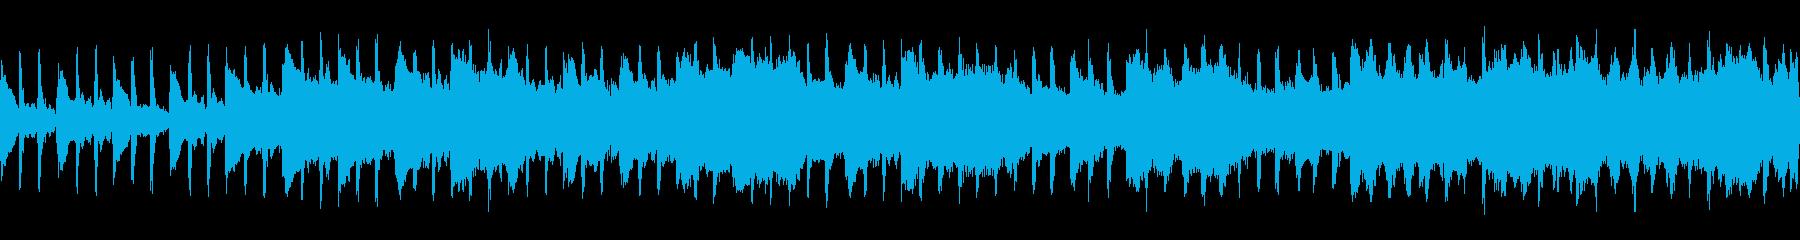 洞窟 FF風 ループの再生済みの波形